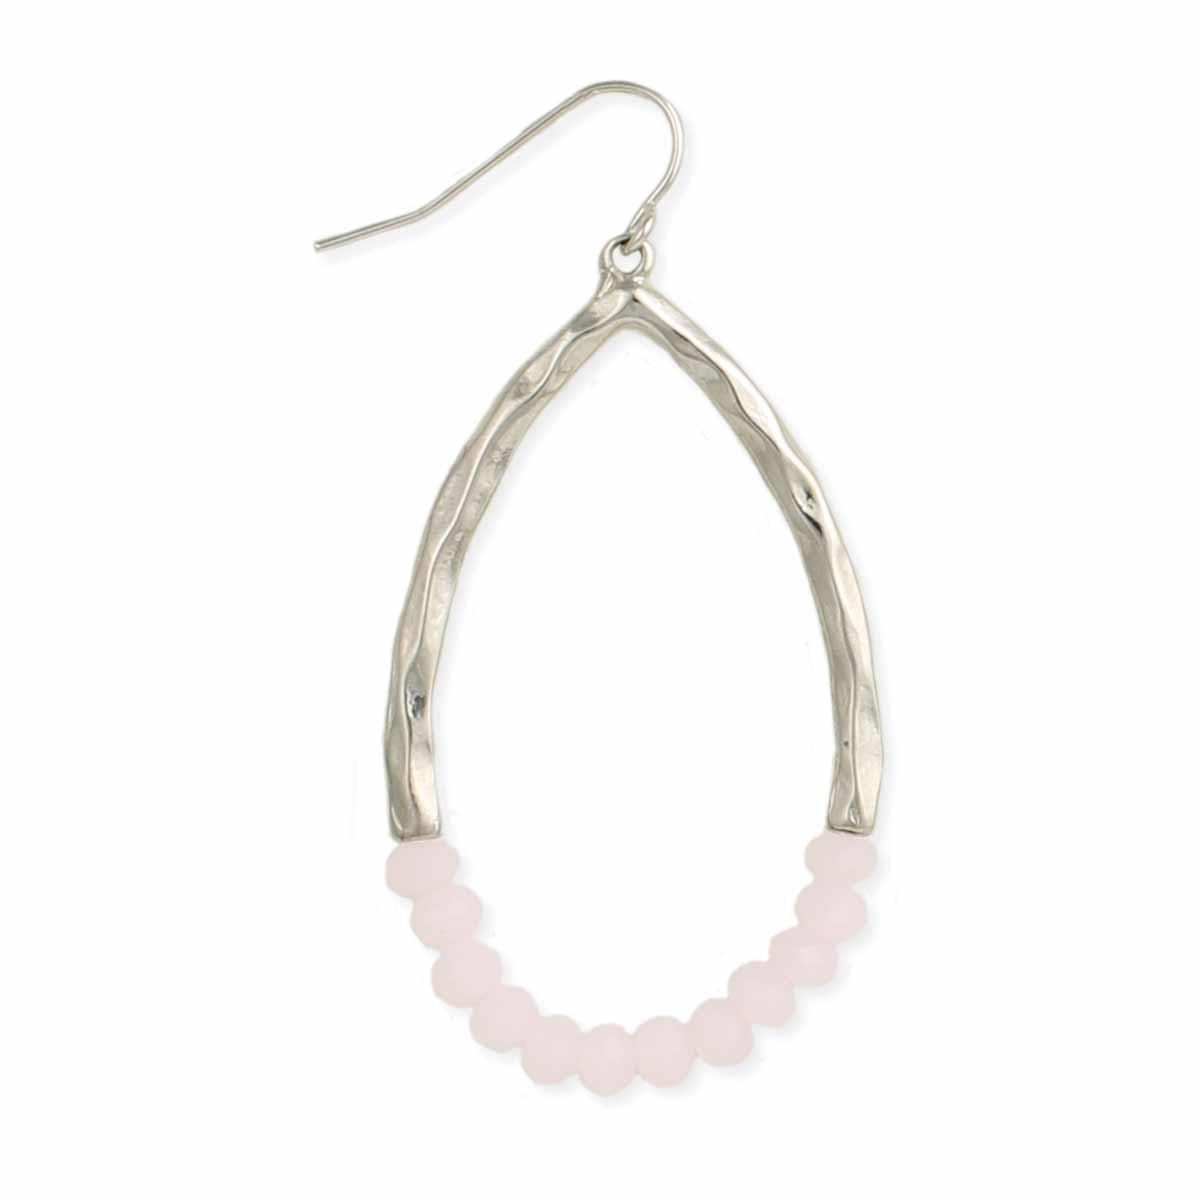 Silver & facet bead teardrop earring